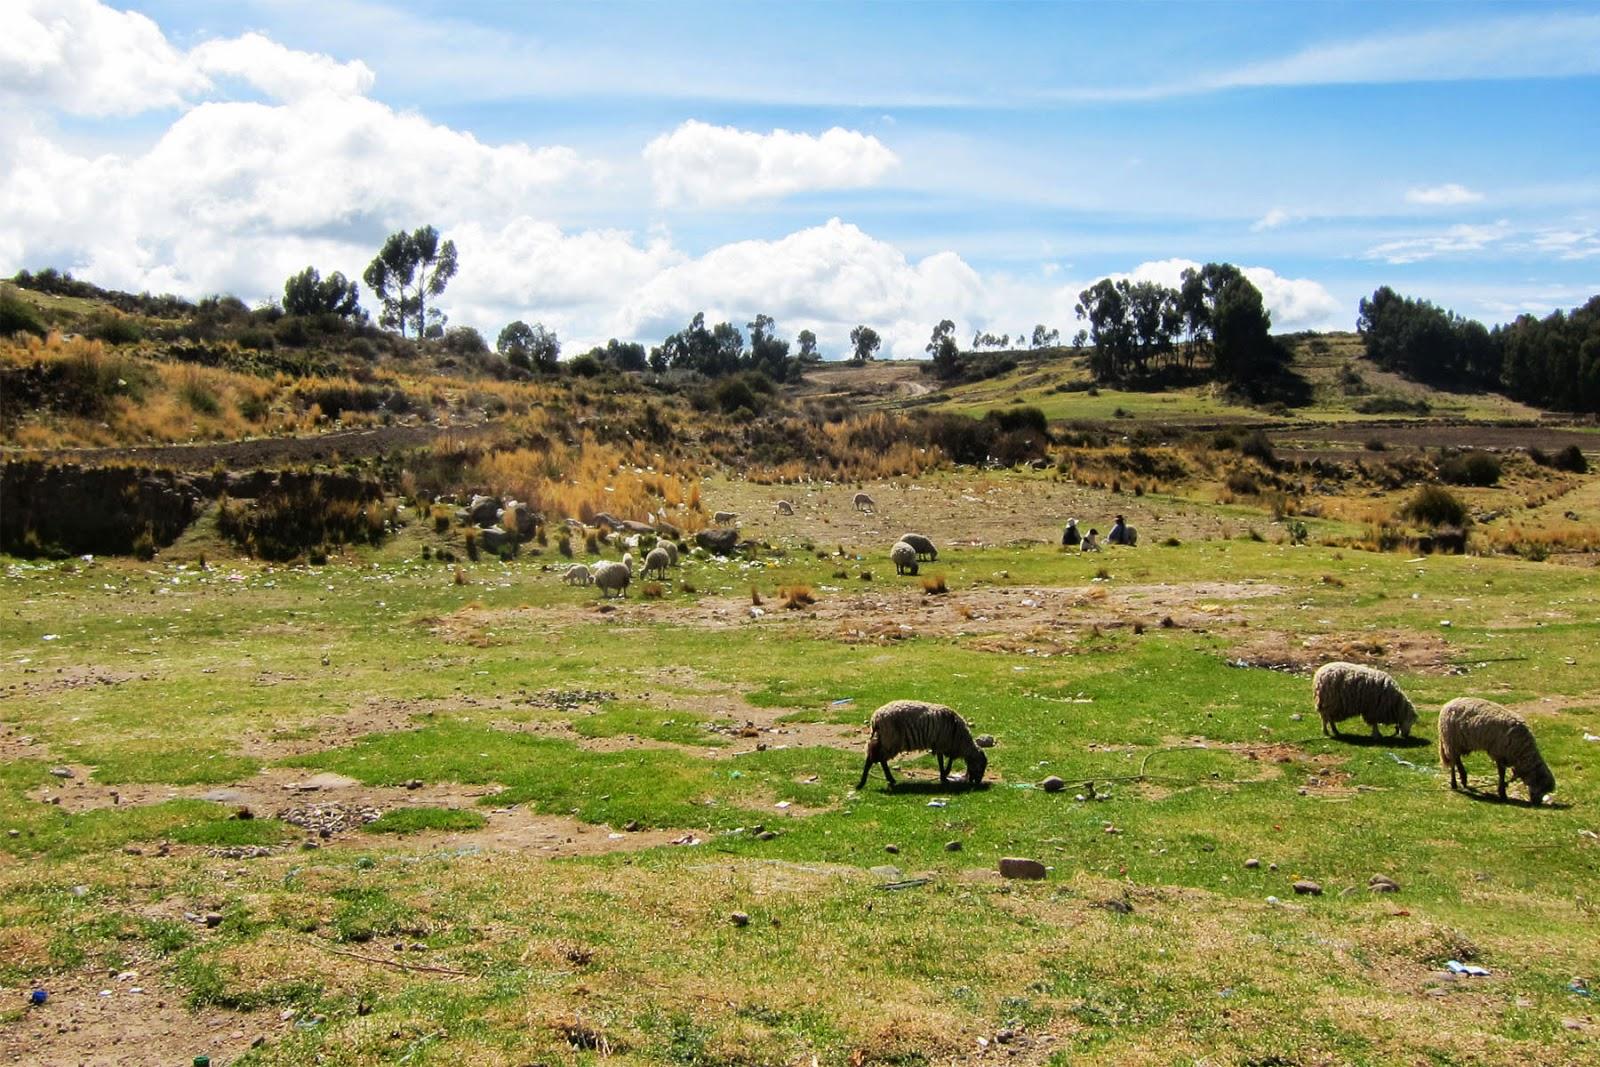 Somewhere in Peru, 2014